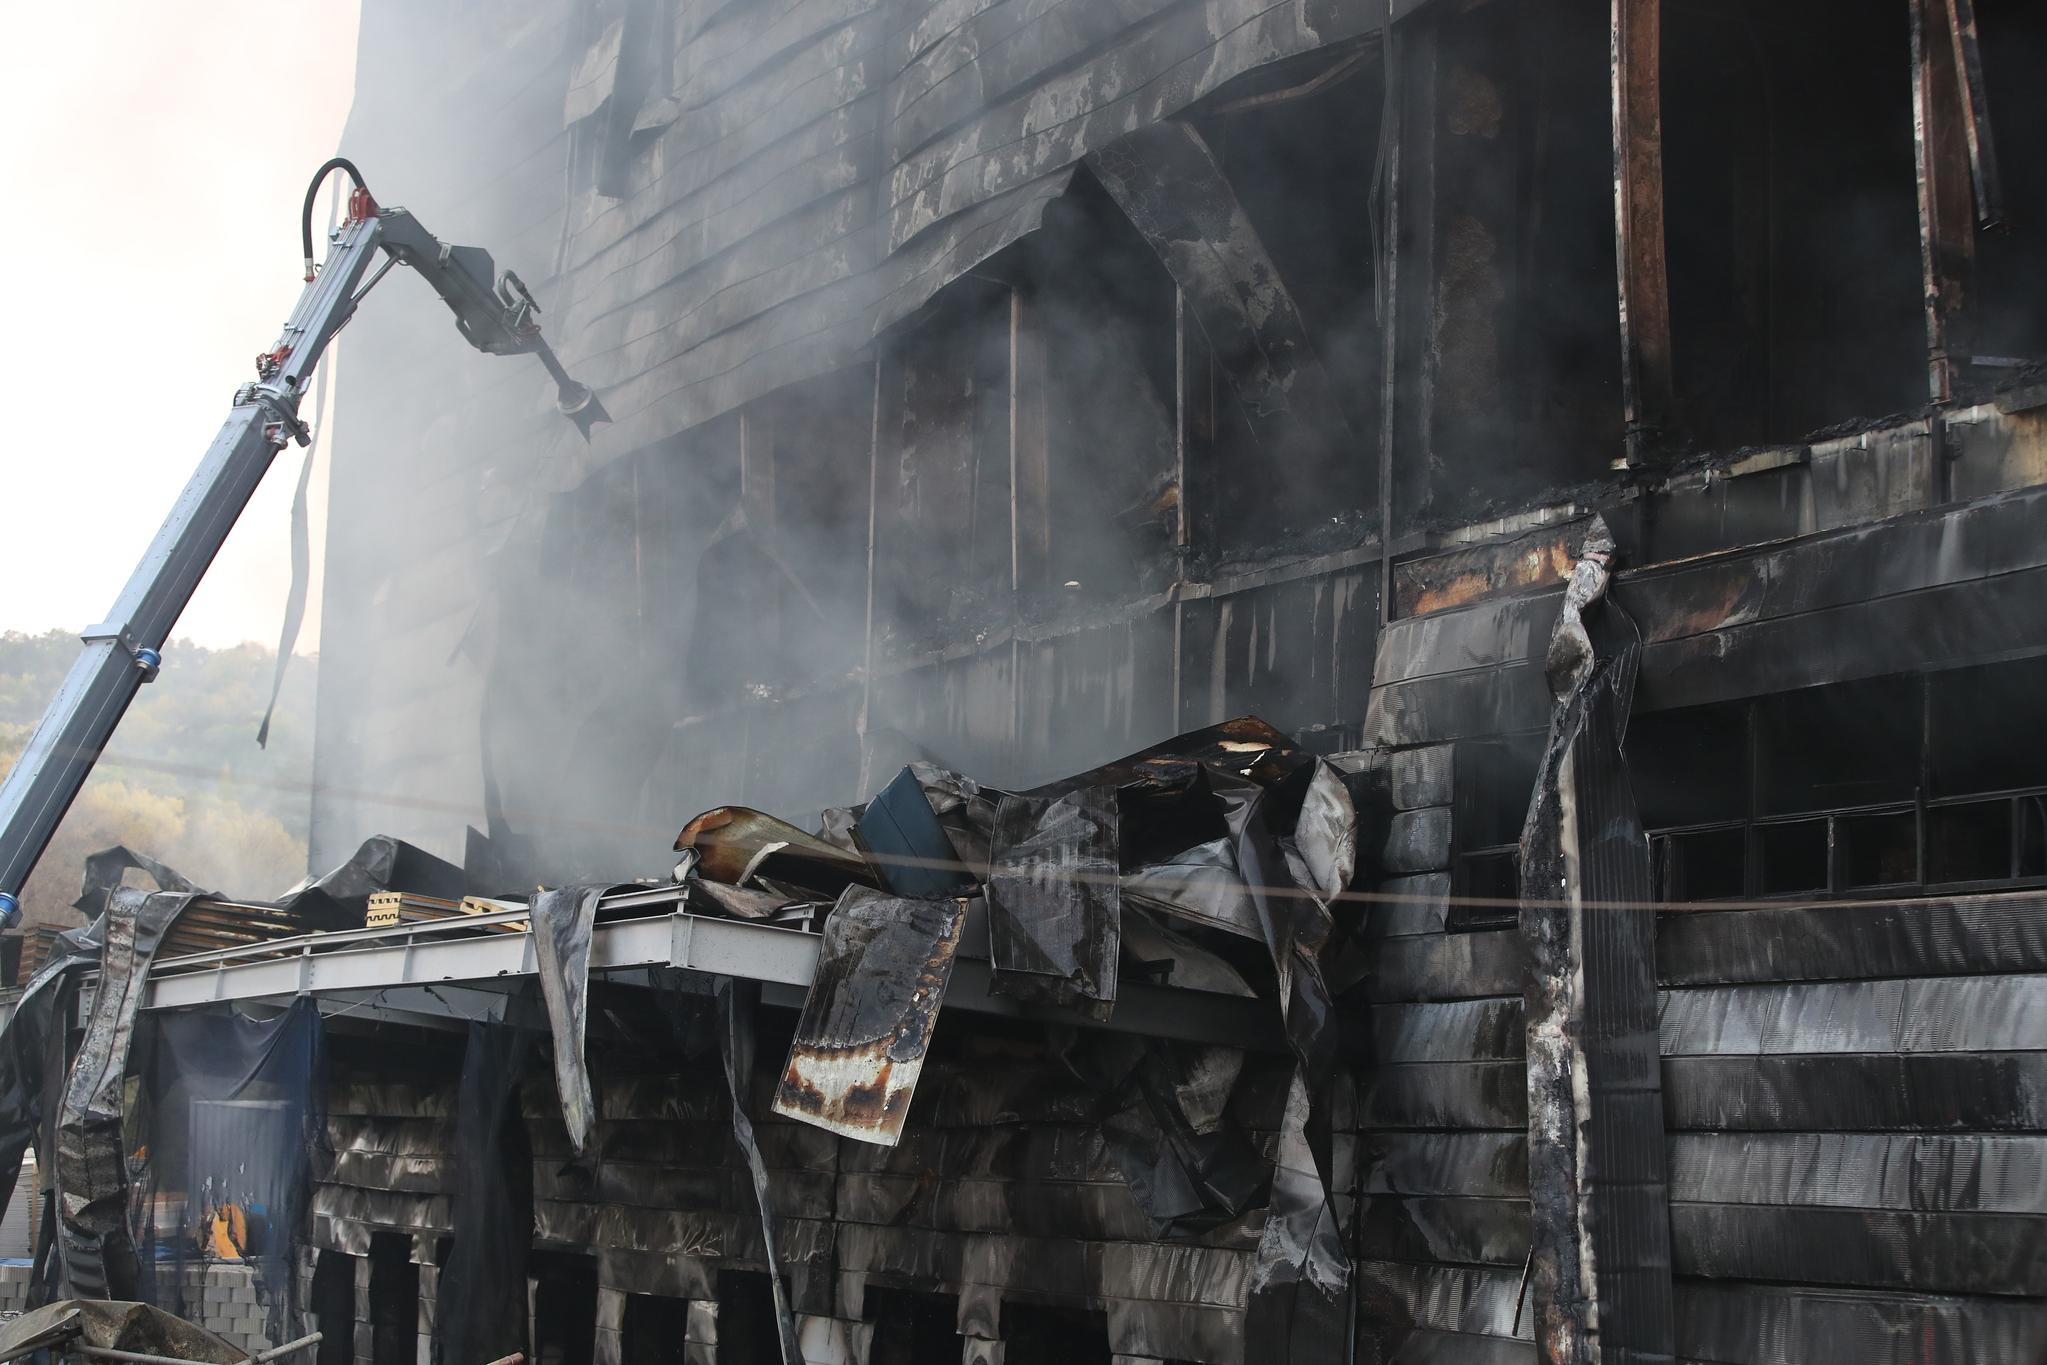 29일 오후 경기도 이천시 모가면 물류창고 공사 현장에서 발생한 화재로 건물이 검게 그을려 있다. 뉴스1